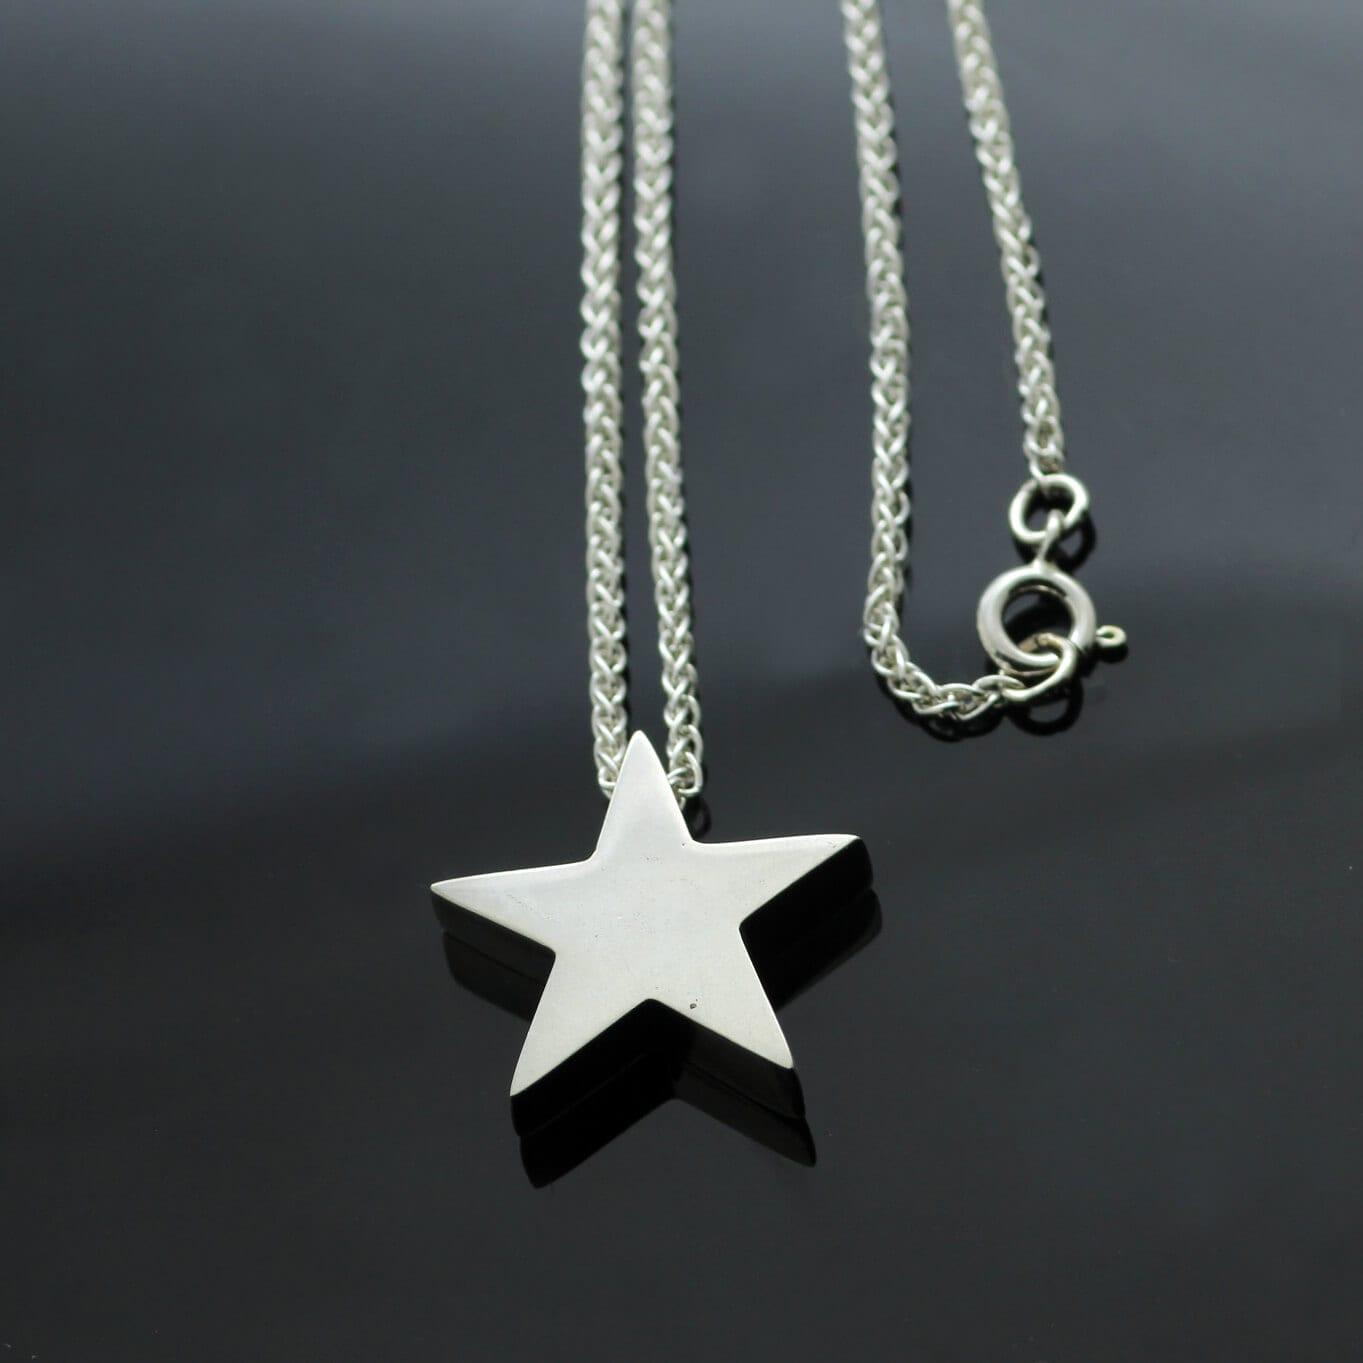 Handmade Star charm in Hallmarked Sterling Silver on modern Spiga chain